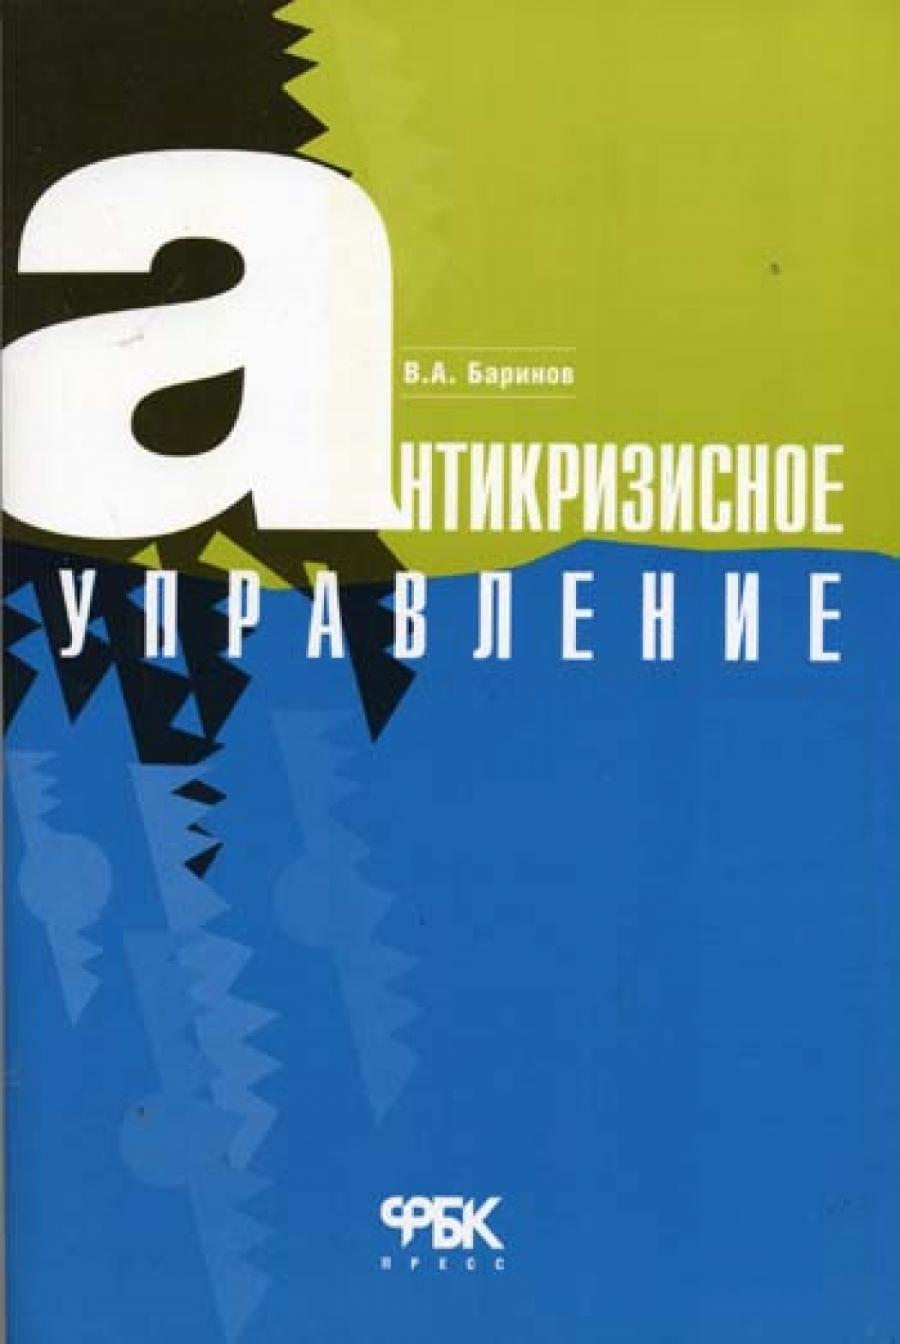 Обложка книги:  в.а баринов - антикризисное управление